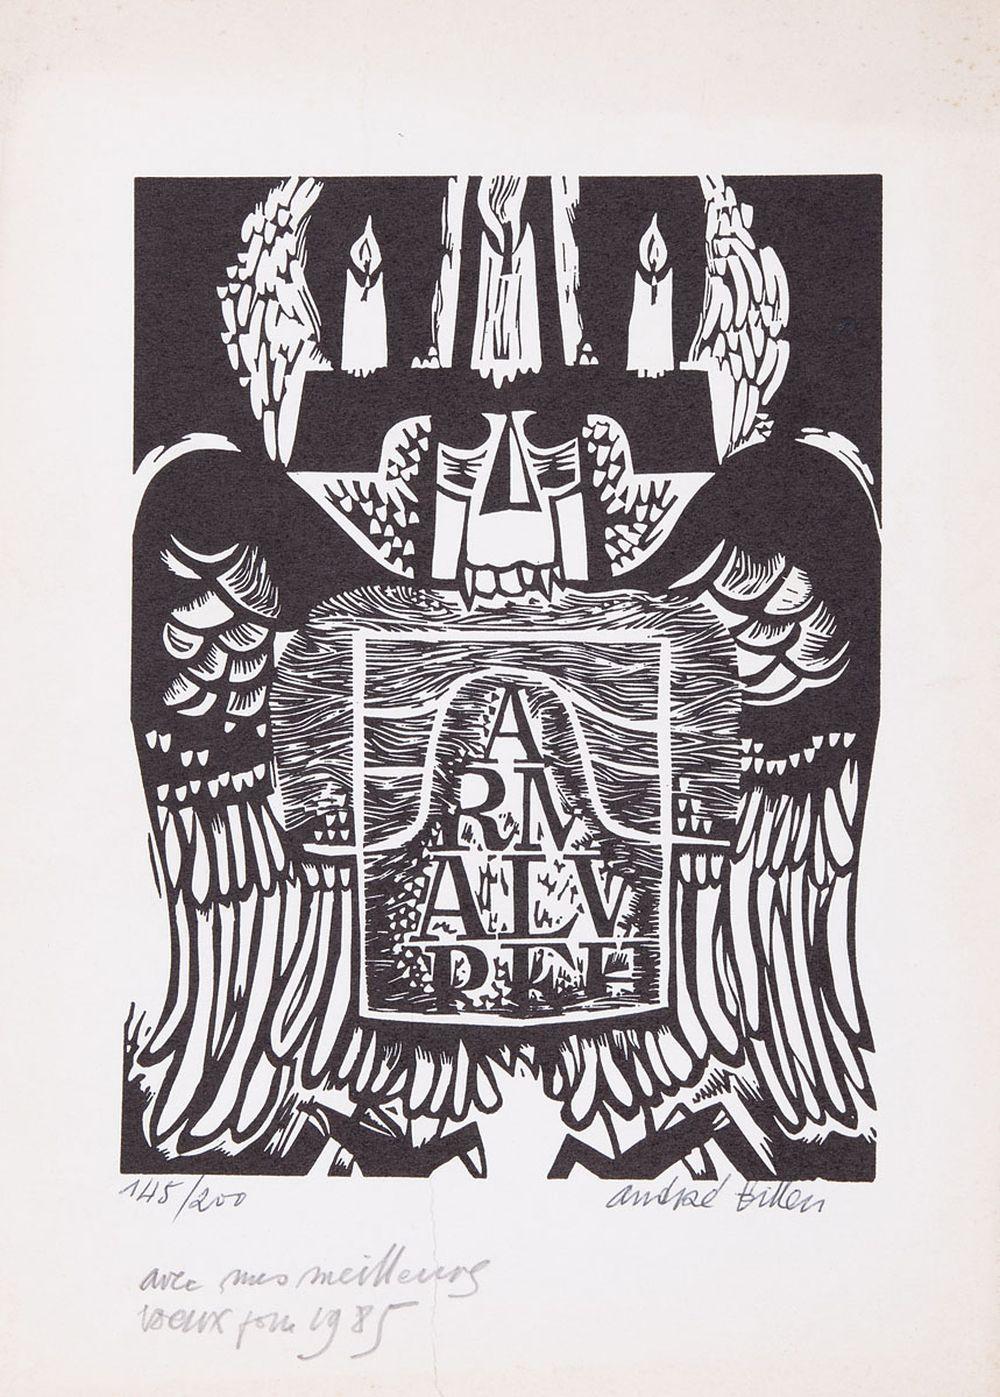 André BILLEN - Carte de voeux illustrée pour 1985.